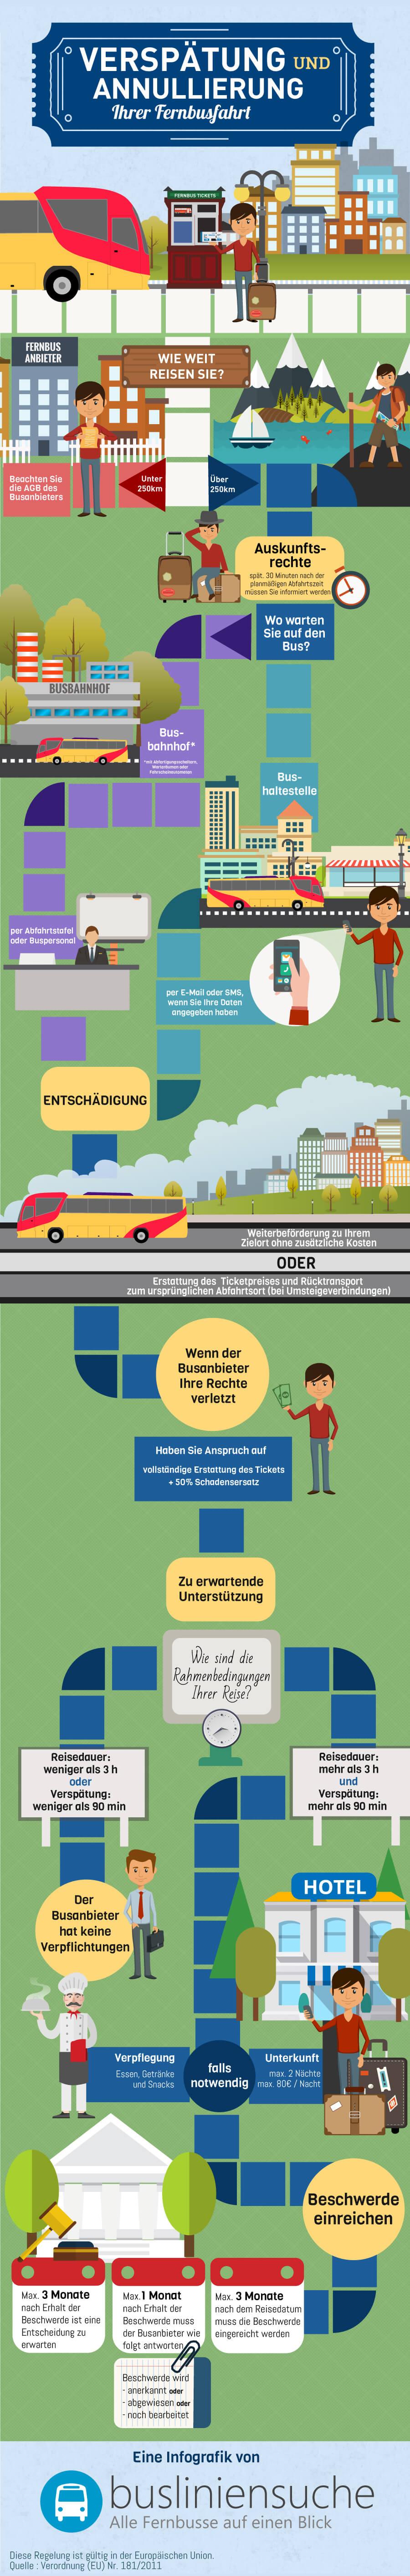 Infografik zum Thema Fernbus Verspätung und Annullierung der Busfahrt